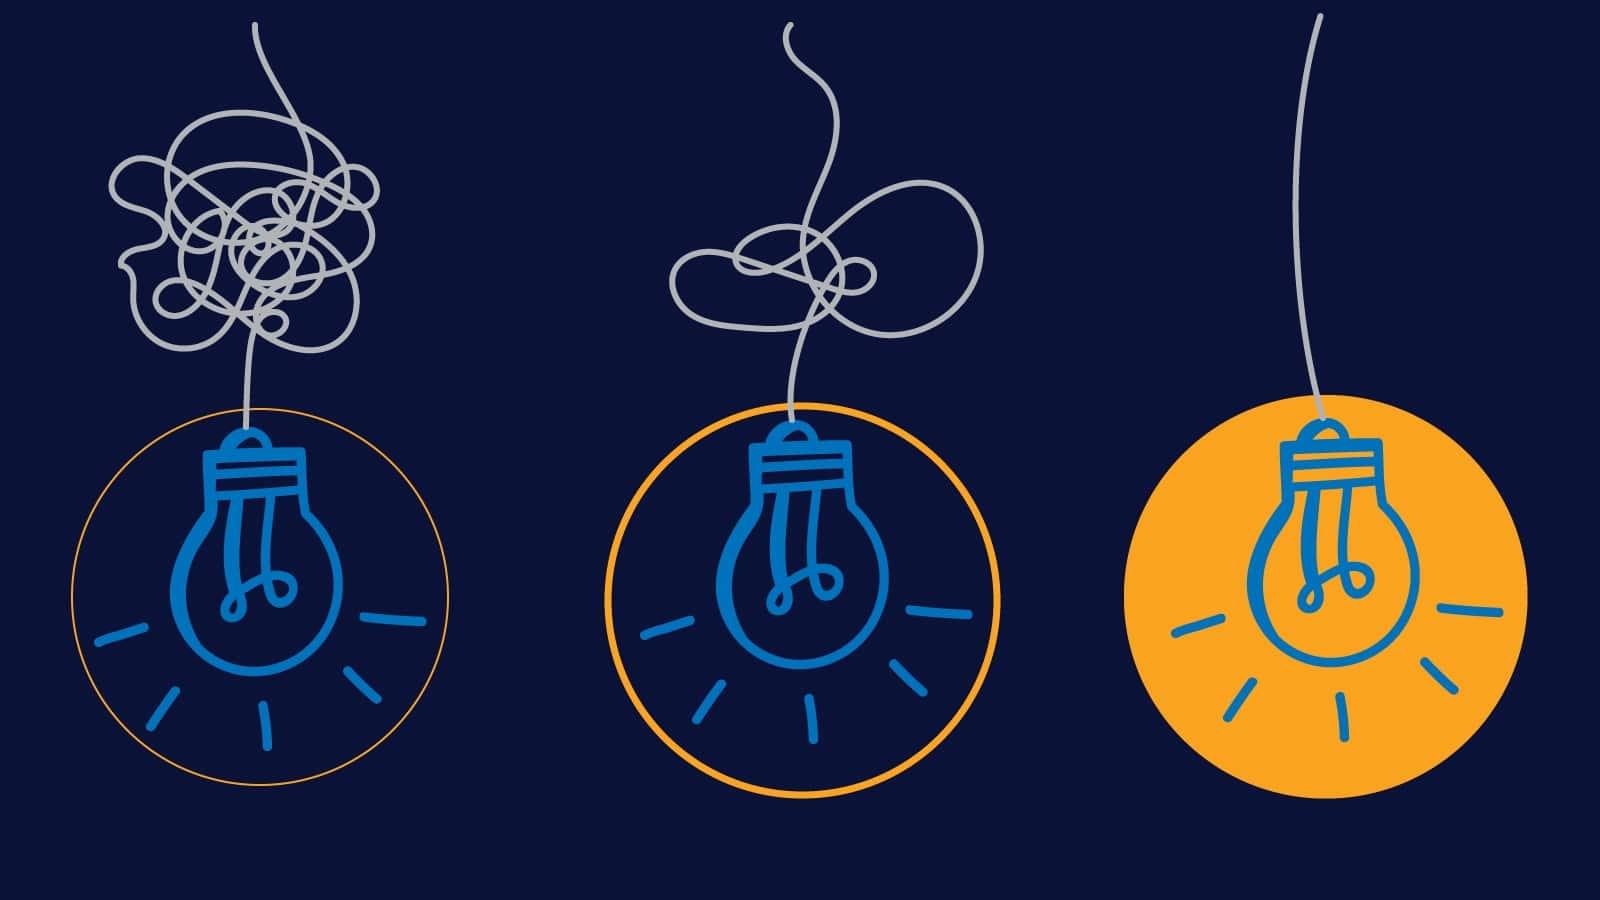 Illustration: Three lightbulbs